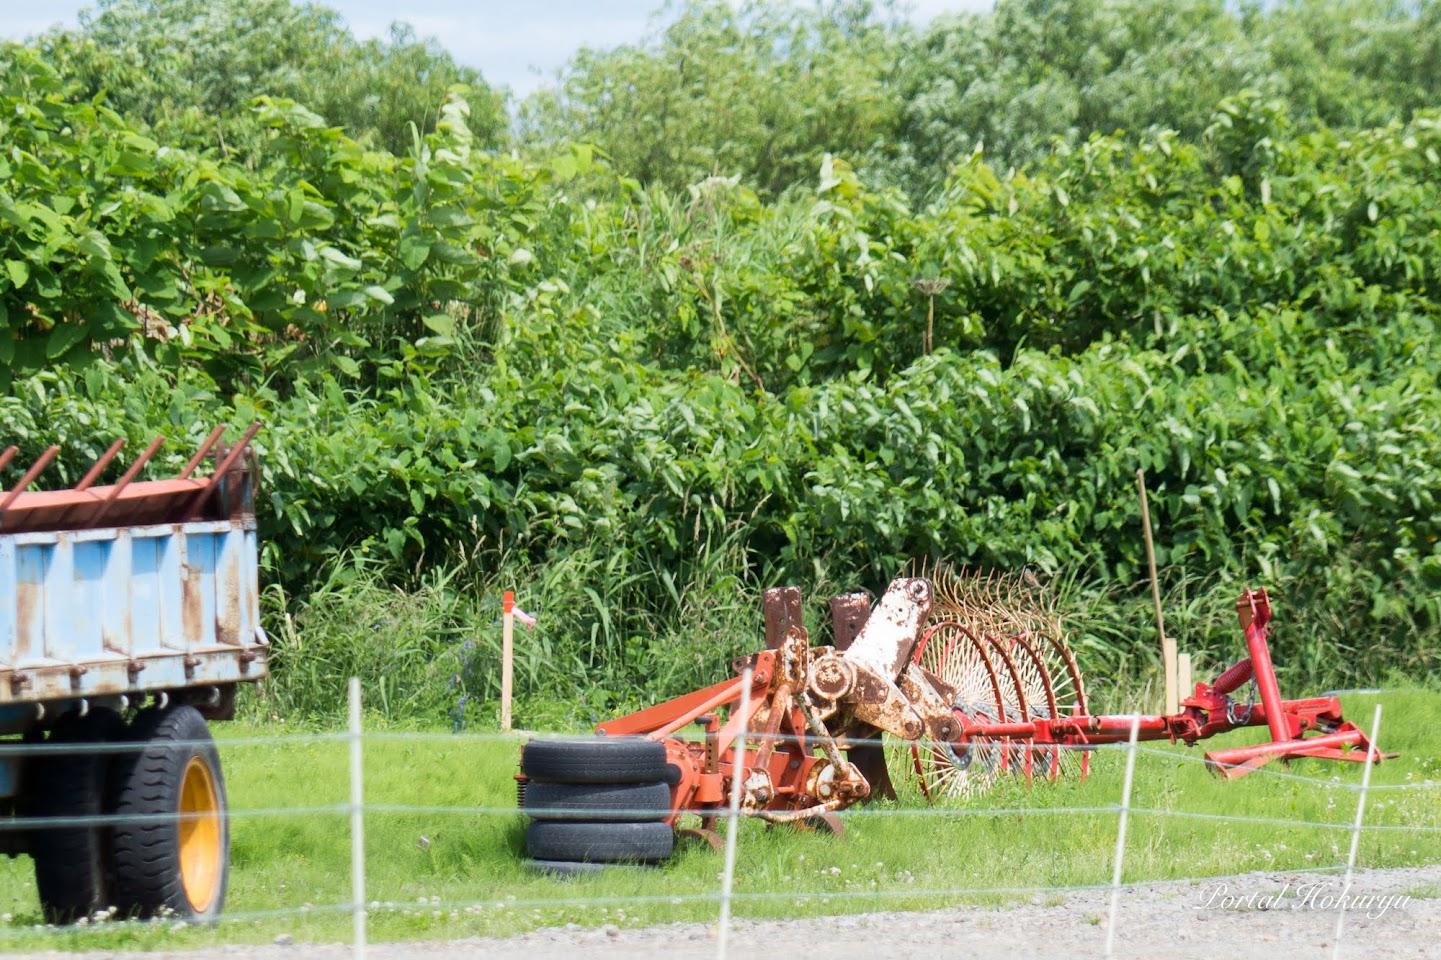 圃場にバラ落としした稲ワラを収集するアタッチメント